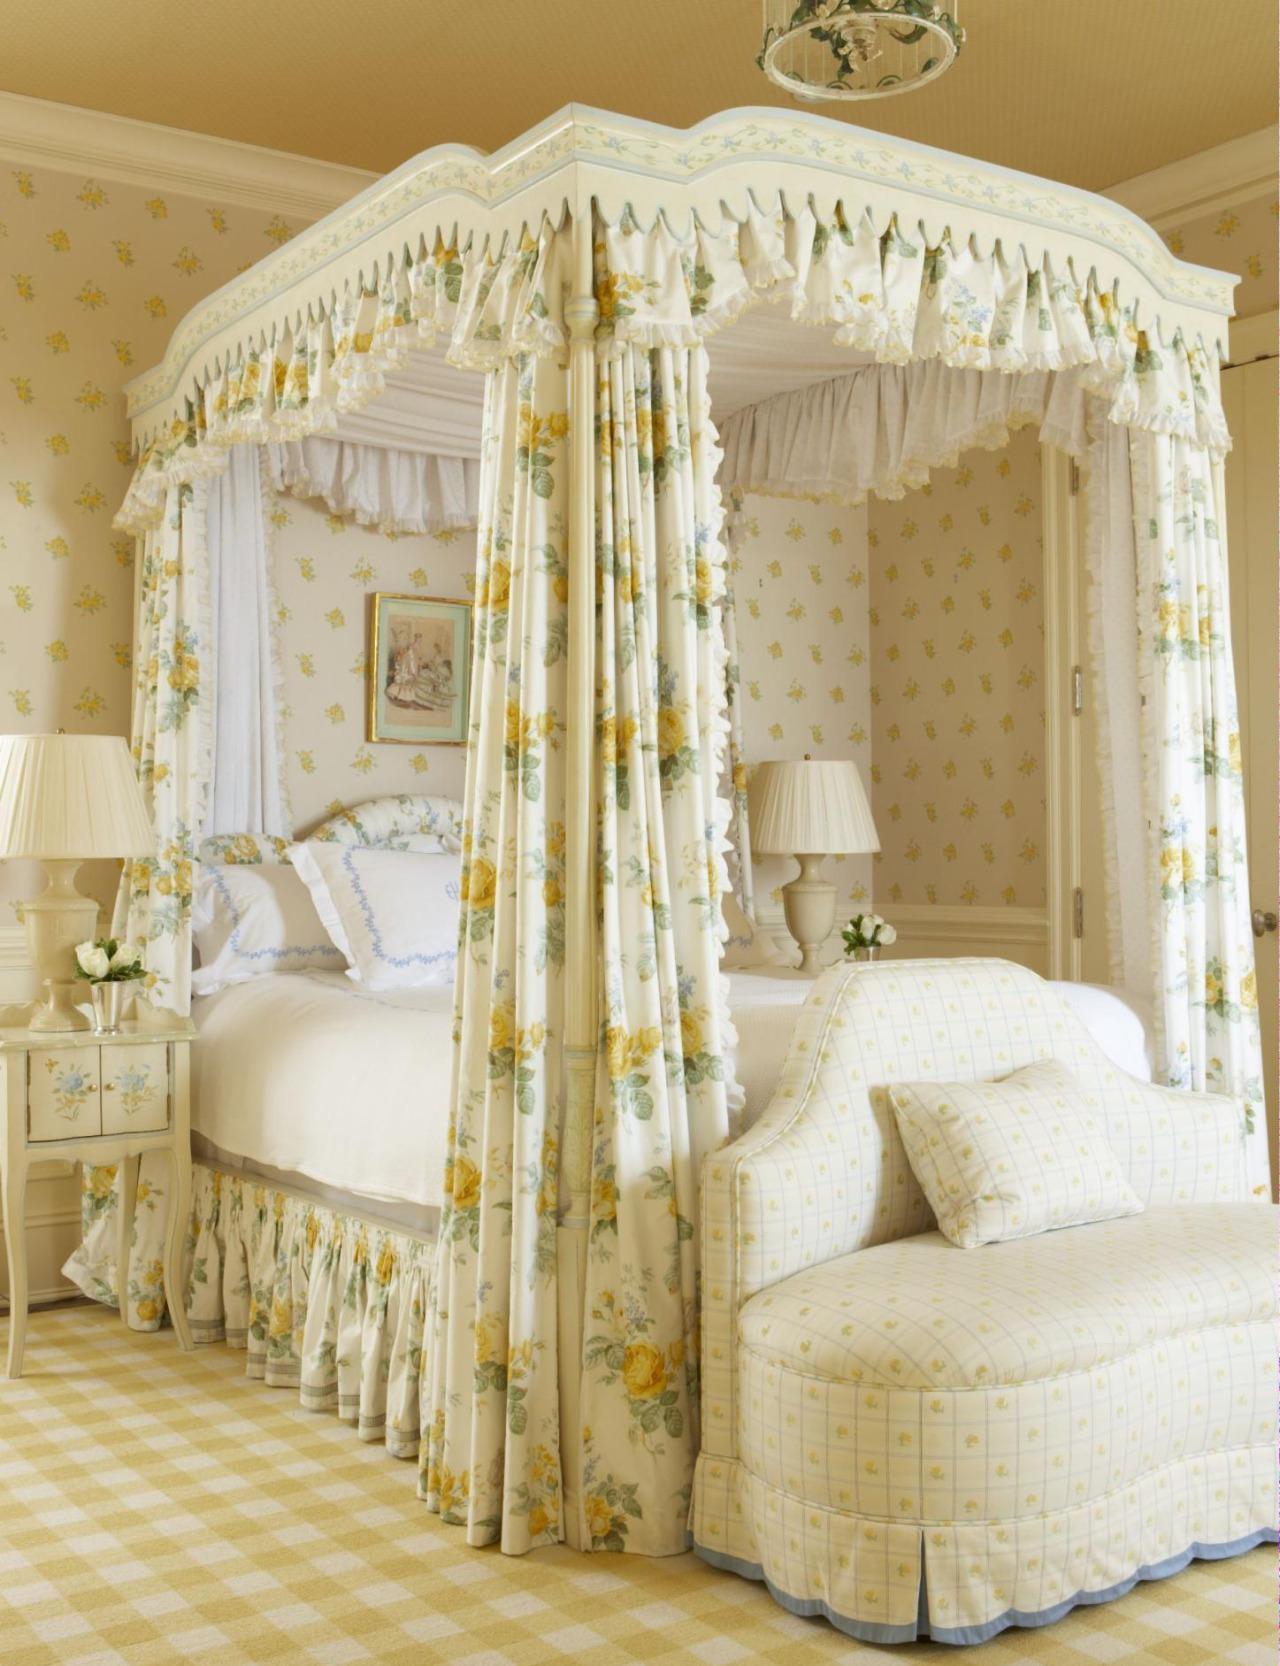 Балдахин над кроватью с цветочным принтом